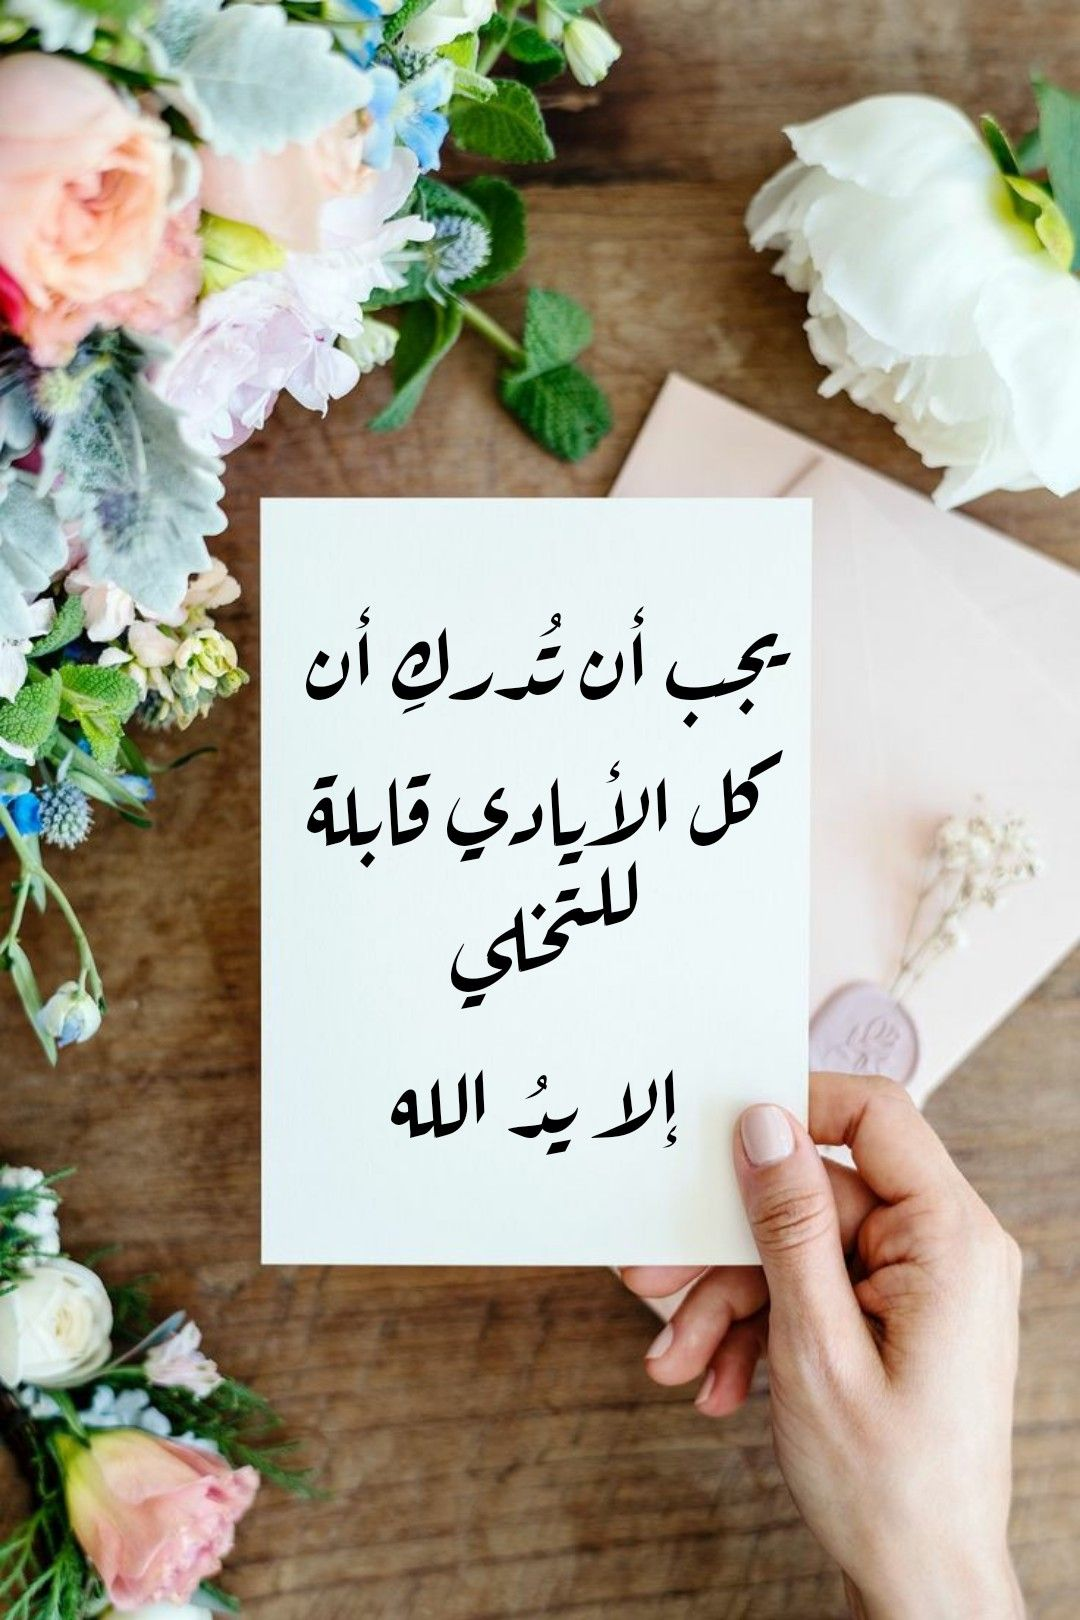 يجب أن تدرك أن كل الأيادي قابلة للتخلي إلا يد الله Islamic Inspirational Quotes Beautiful Islamic Quotes Arabic Quotes